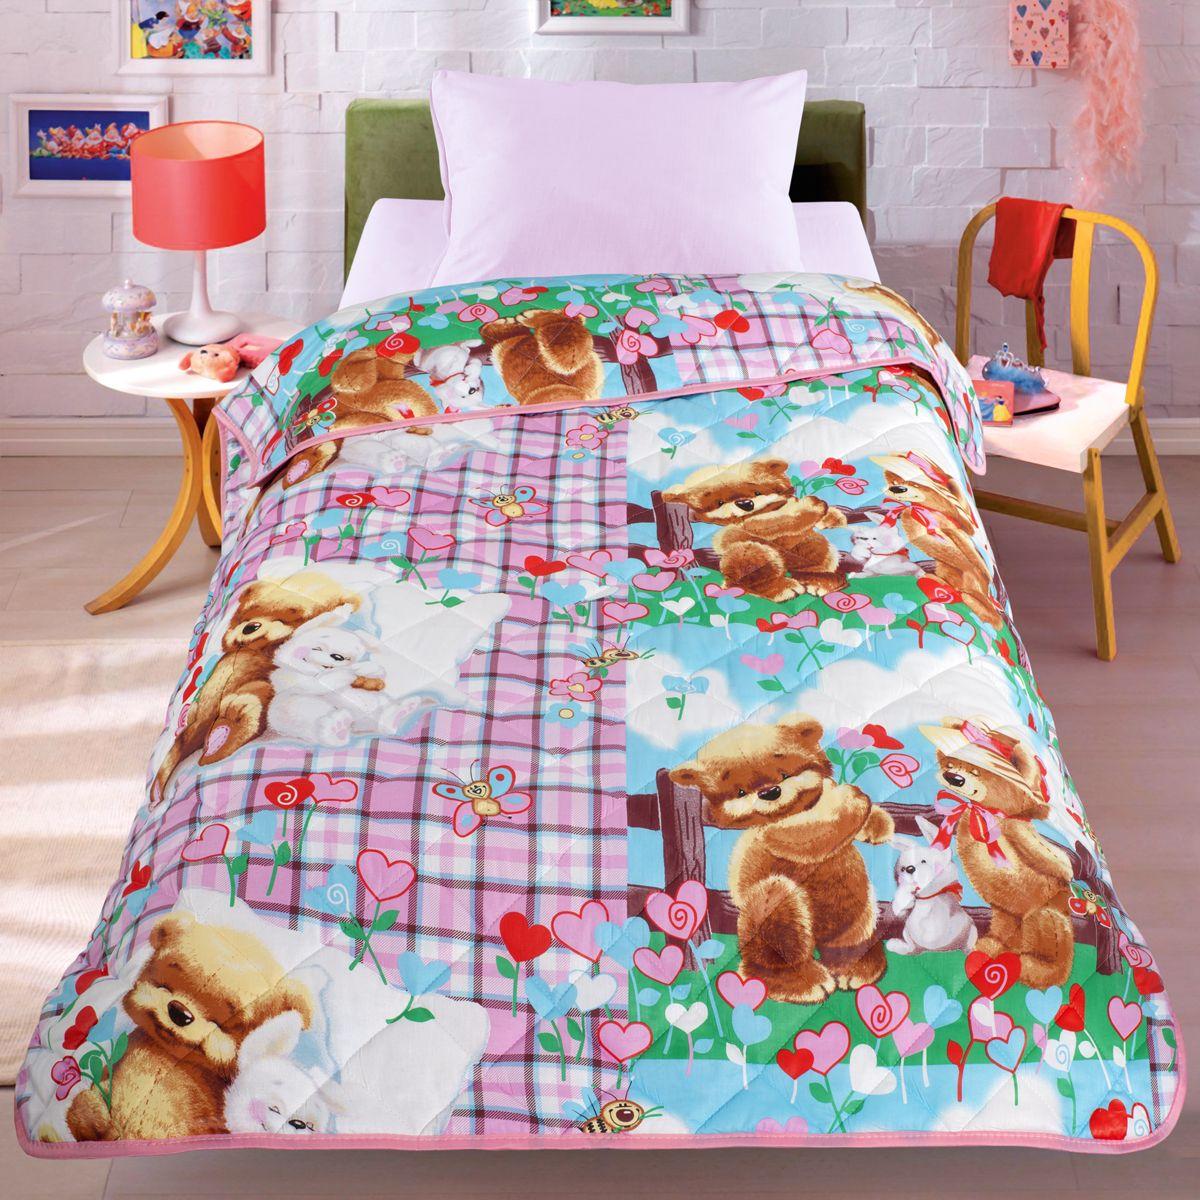 Покрывало-одеяло Letto Мишки и зайка, облегченное, цвет: розовый, 140 x 200 смbear-rabbit140Легкое оригинальное покрывало в чехле будет радовать вас и вашего малыша в течение всего года. Сидеть на таком покрывале будет приятно и комфортно - ведь оно выполнено из 100% хлопка. К тому же покрывало можно использовать и как одеяло на детскую кровать. Дизайн двусторонний. Наполнитель - силиконизированное волокно. Вашему ребенку не будет жарко под таким одеялом, а это значит он не будет раскрываться.